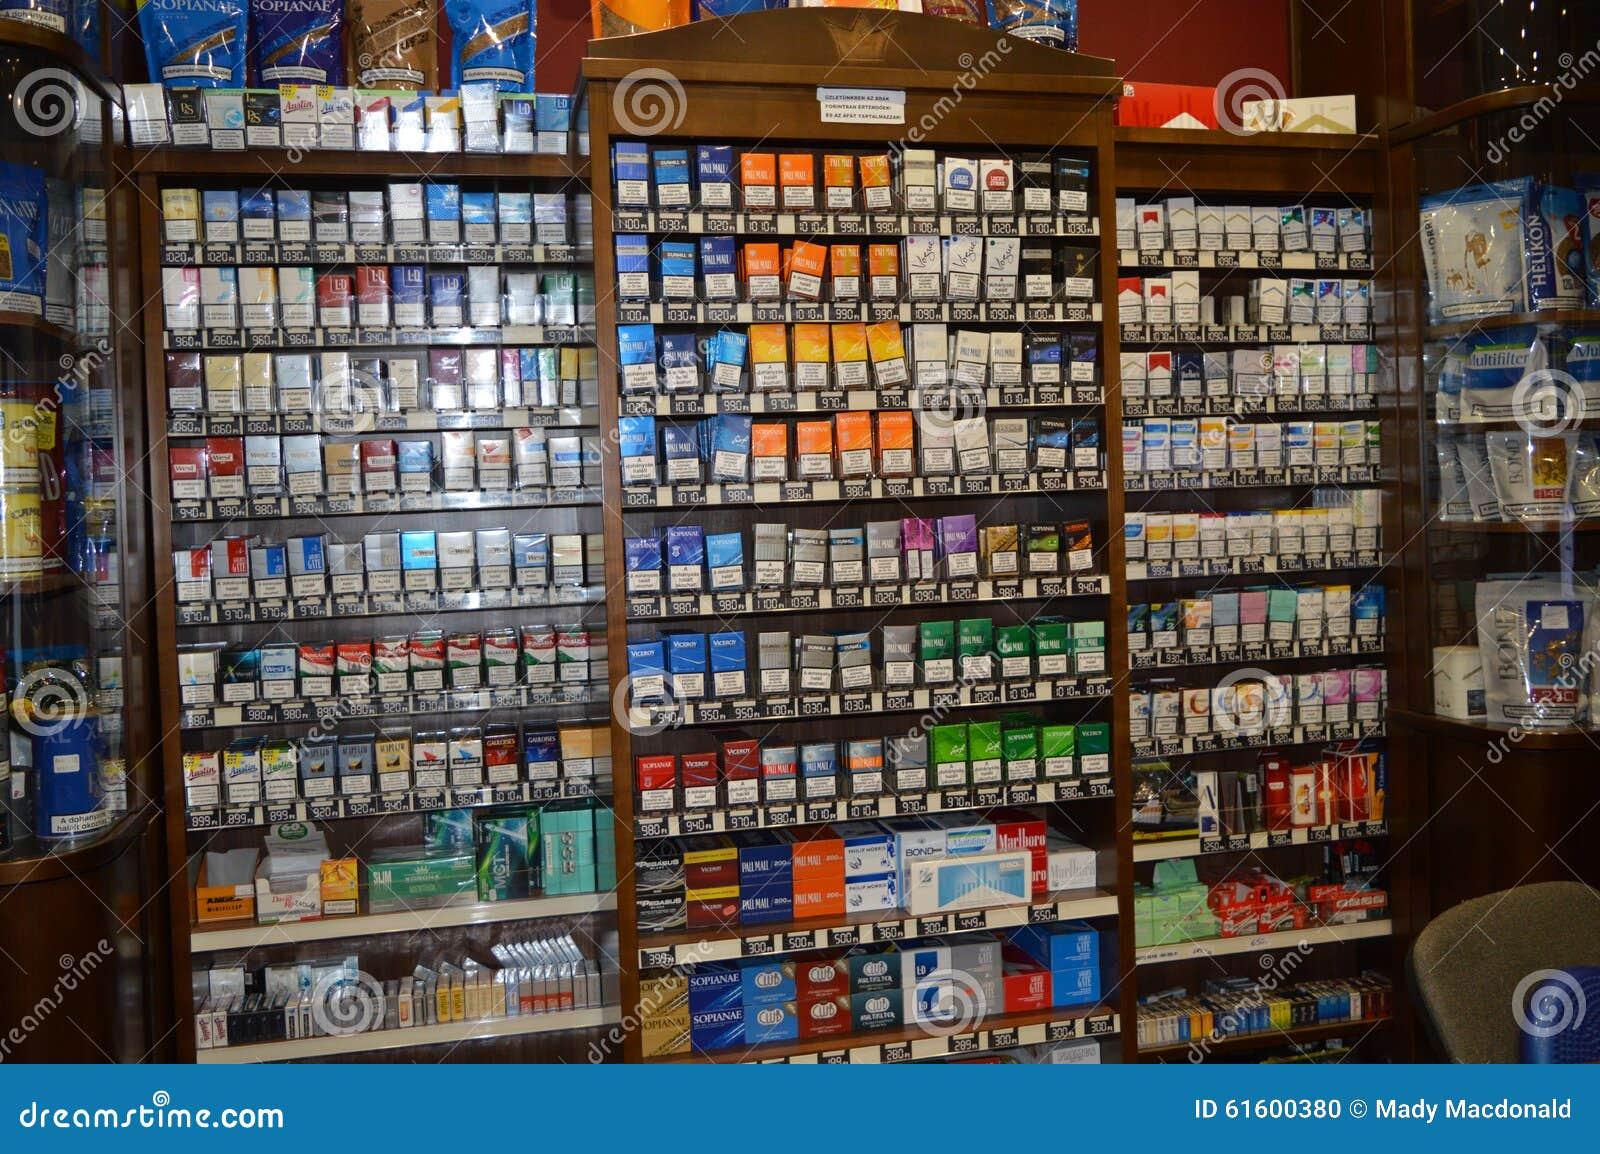 Сигареты венгерские купить sigareta opt store сигареты оптом